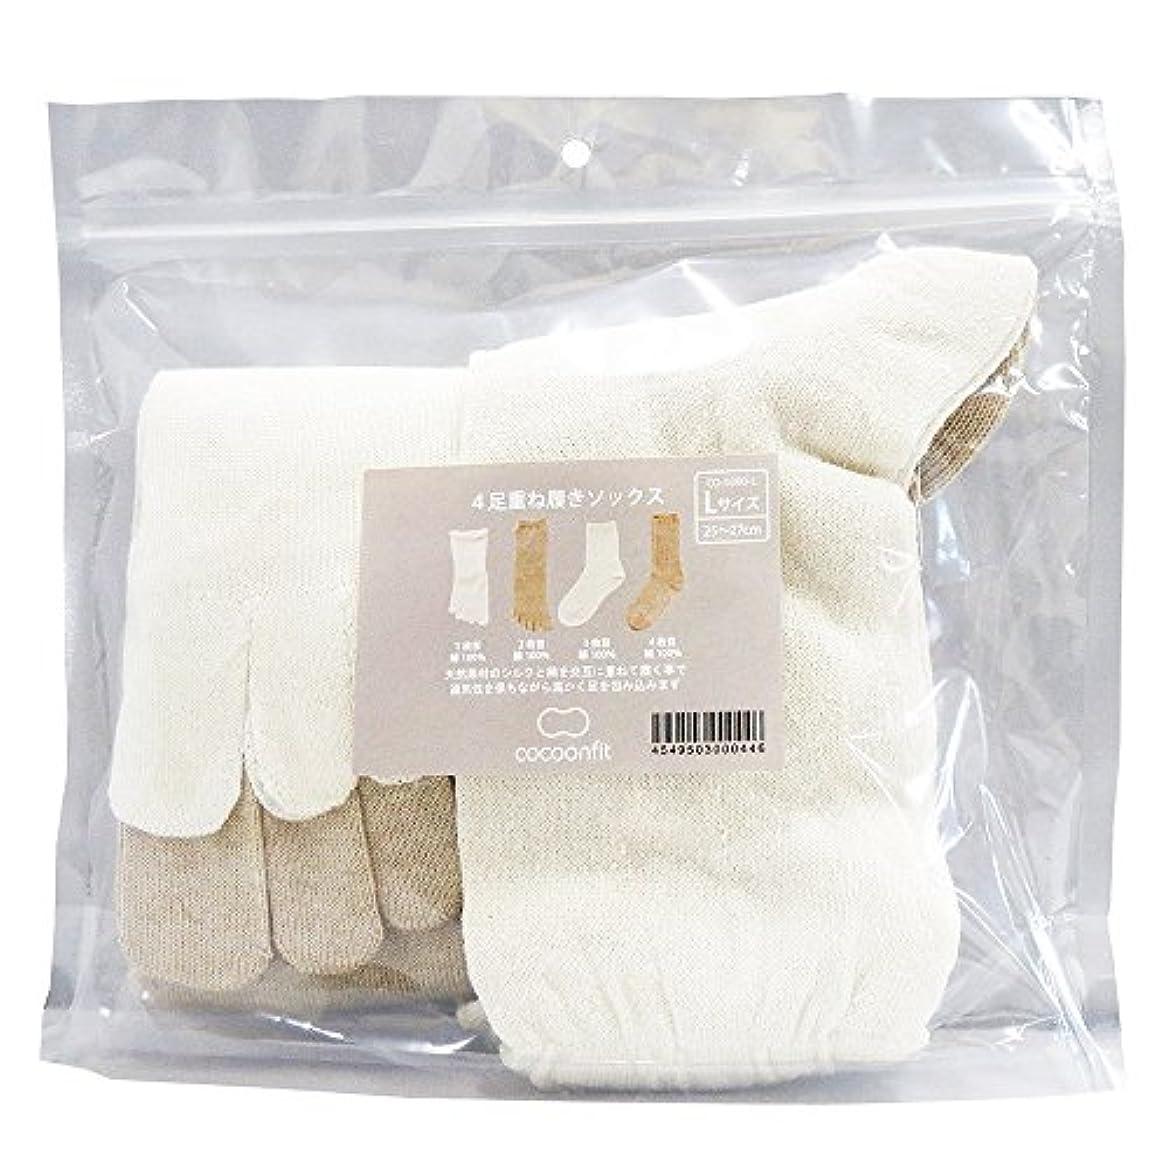 パトワミュウミュウ誕生日コクーンフィット イノセントシリーズ 4足重ね履きソックス メンズ CO-0390-L